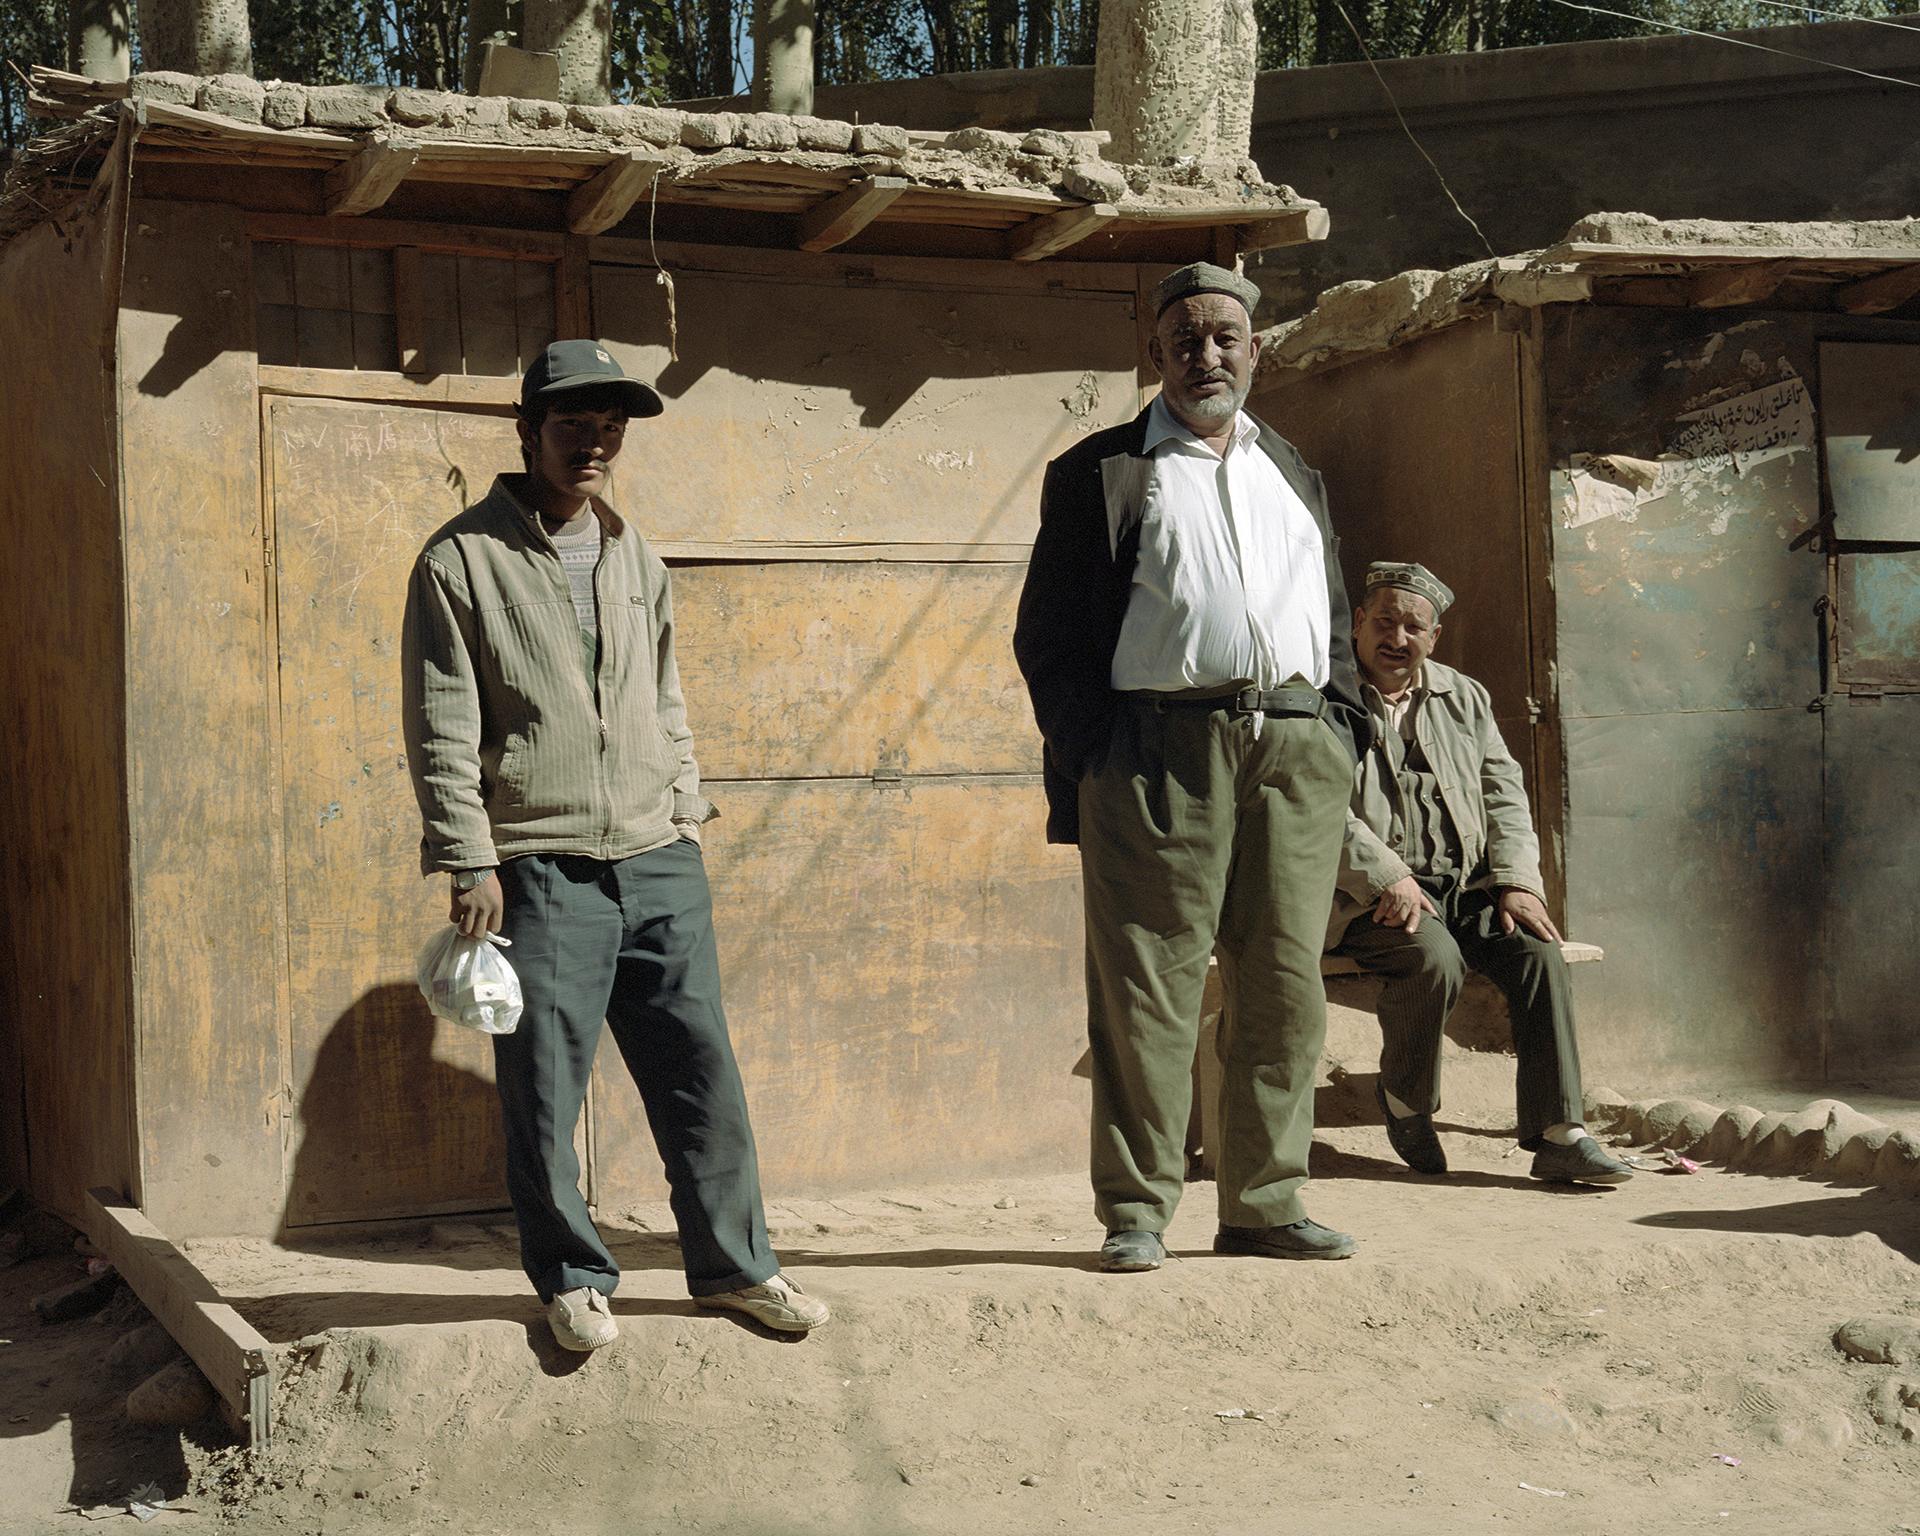 2007 Xinjiang - Buya, the welcome committee.